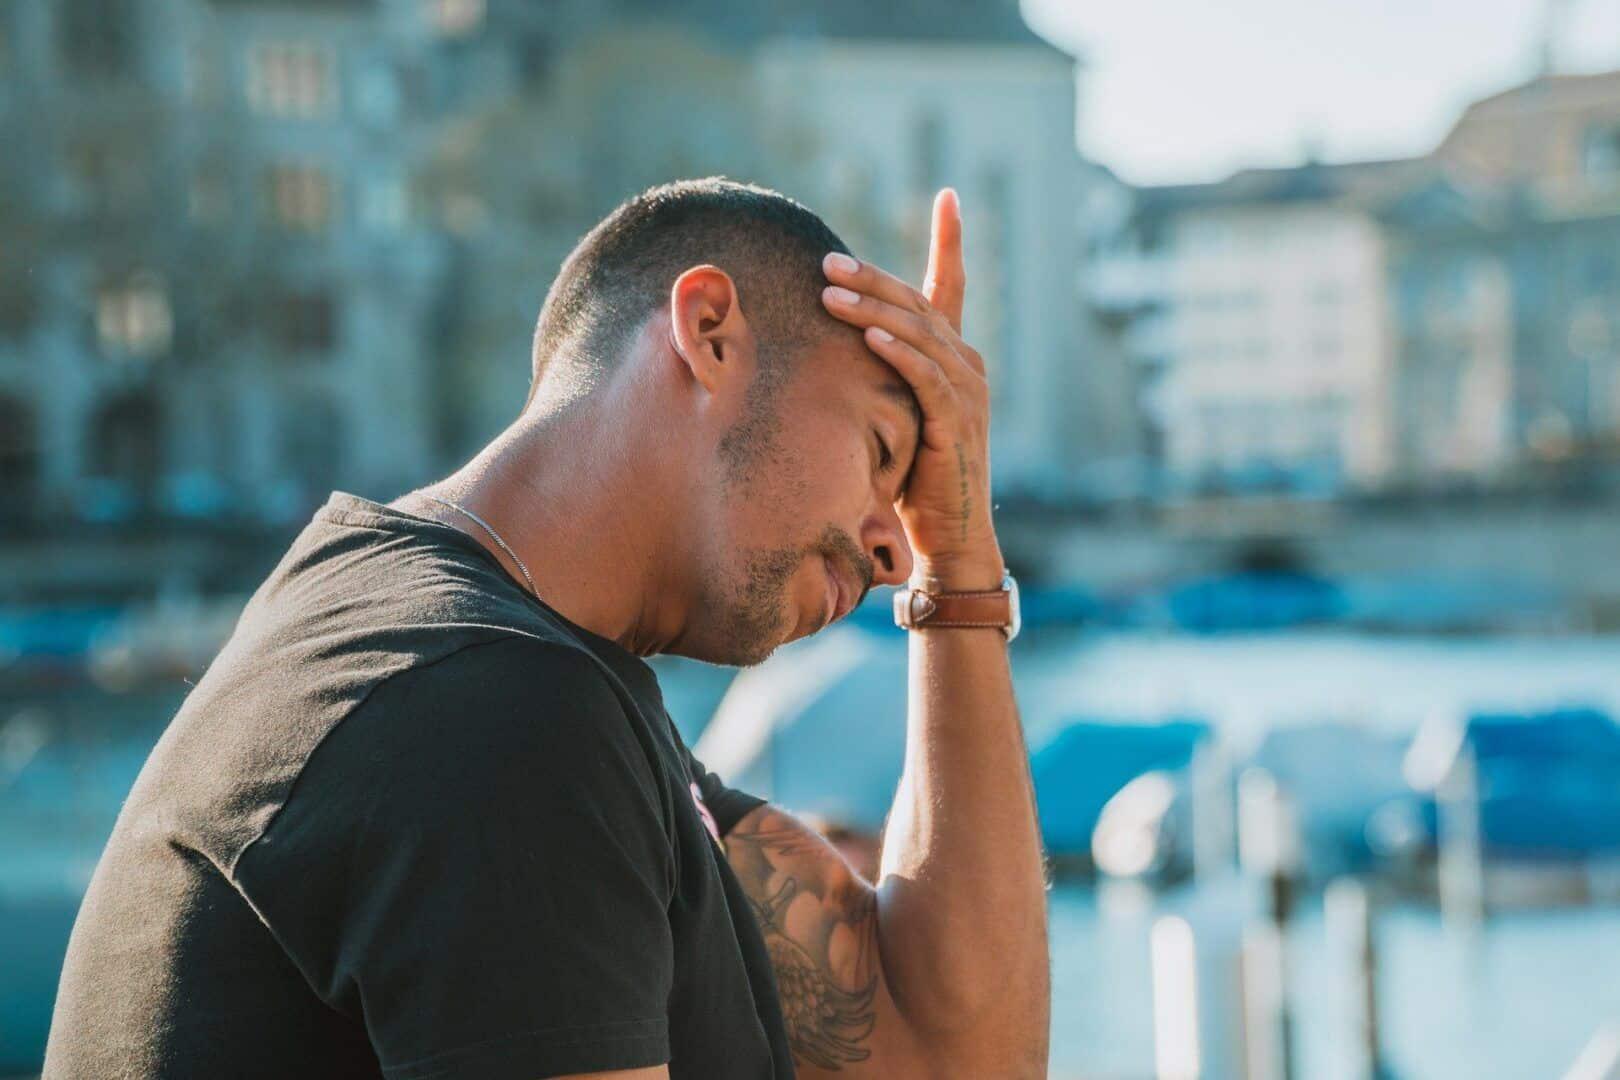 Fotografia de um homem segurando a cabeça para ilustração do item